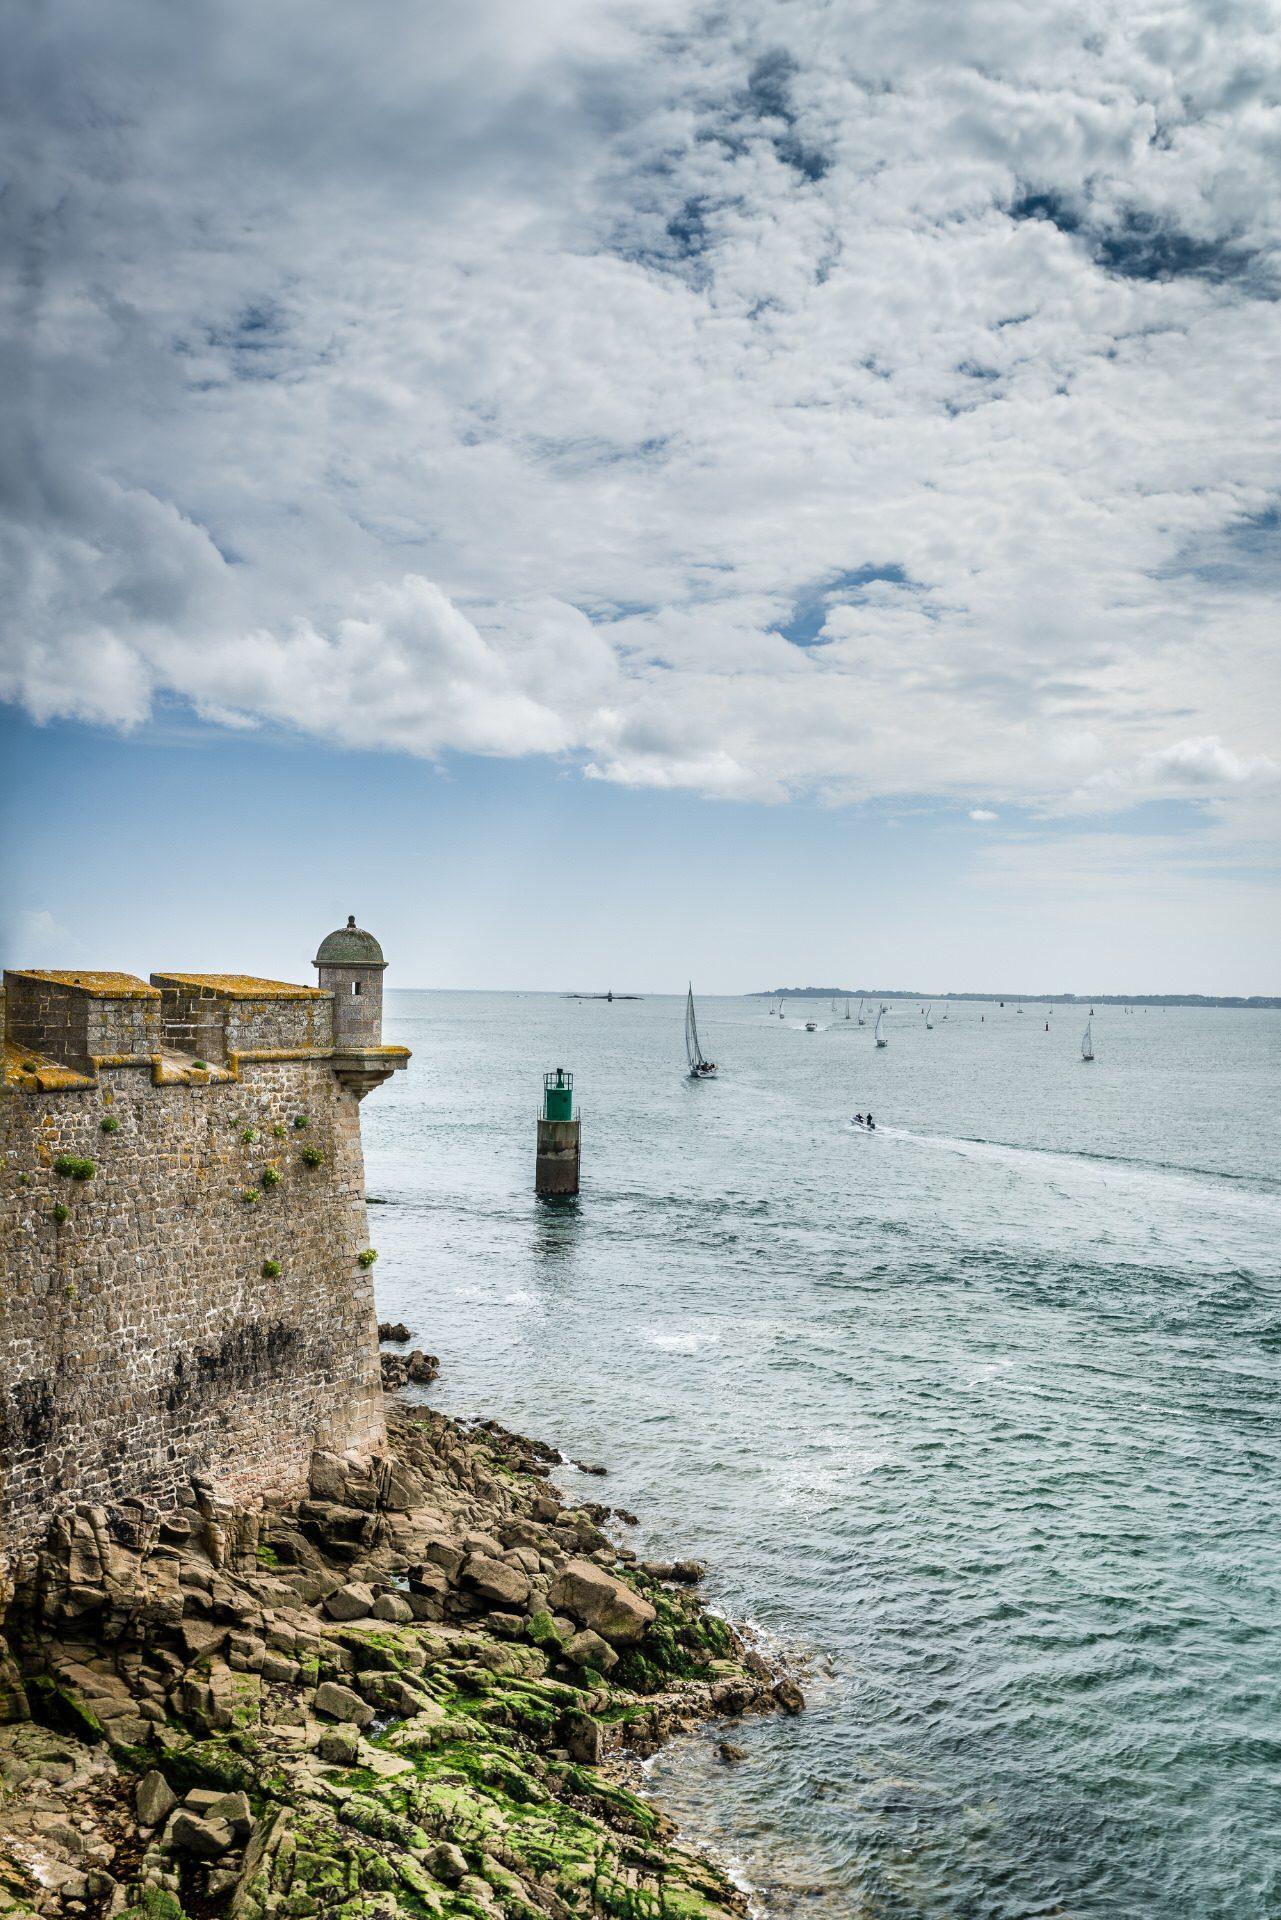 ©Xavier Dubois-LBST - La Citadelle de Port-Louis et la vue sur l'océan